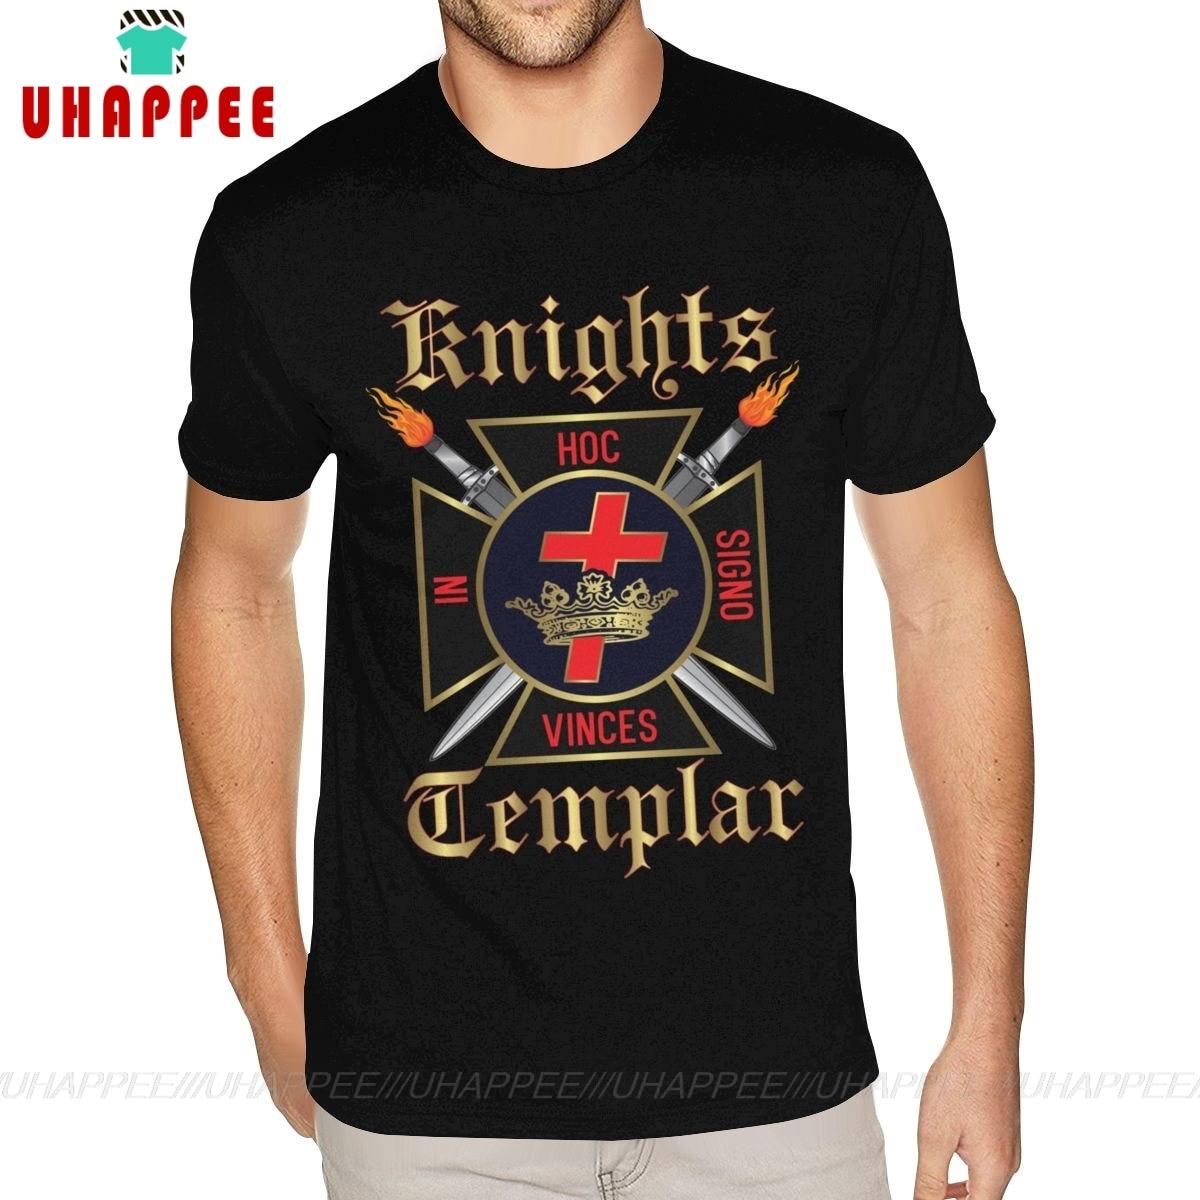 Camisas elegantes do homem do tamanho grande do t dos cavaleiros templar camisas em branco